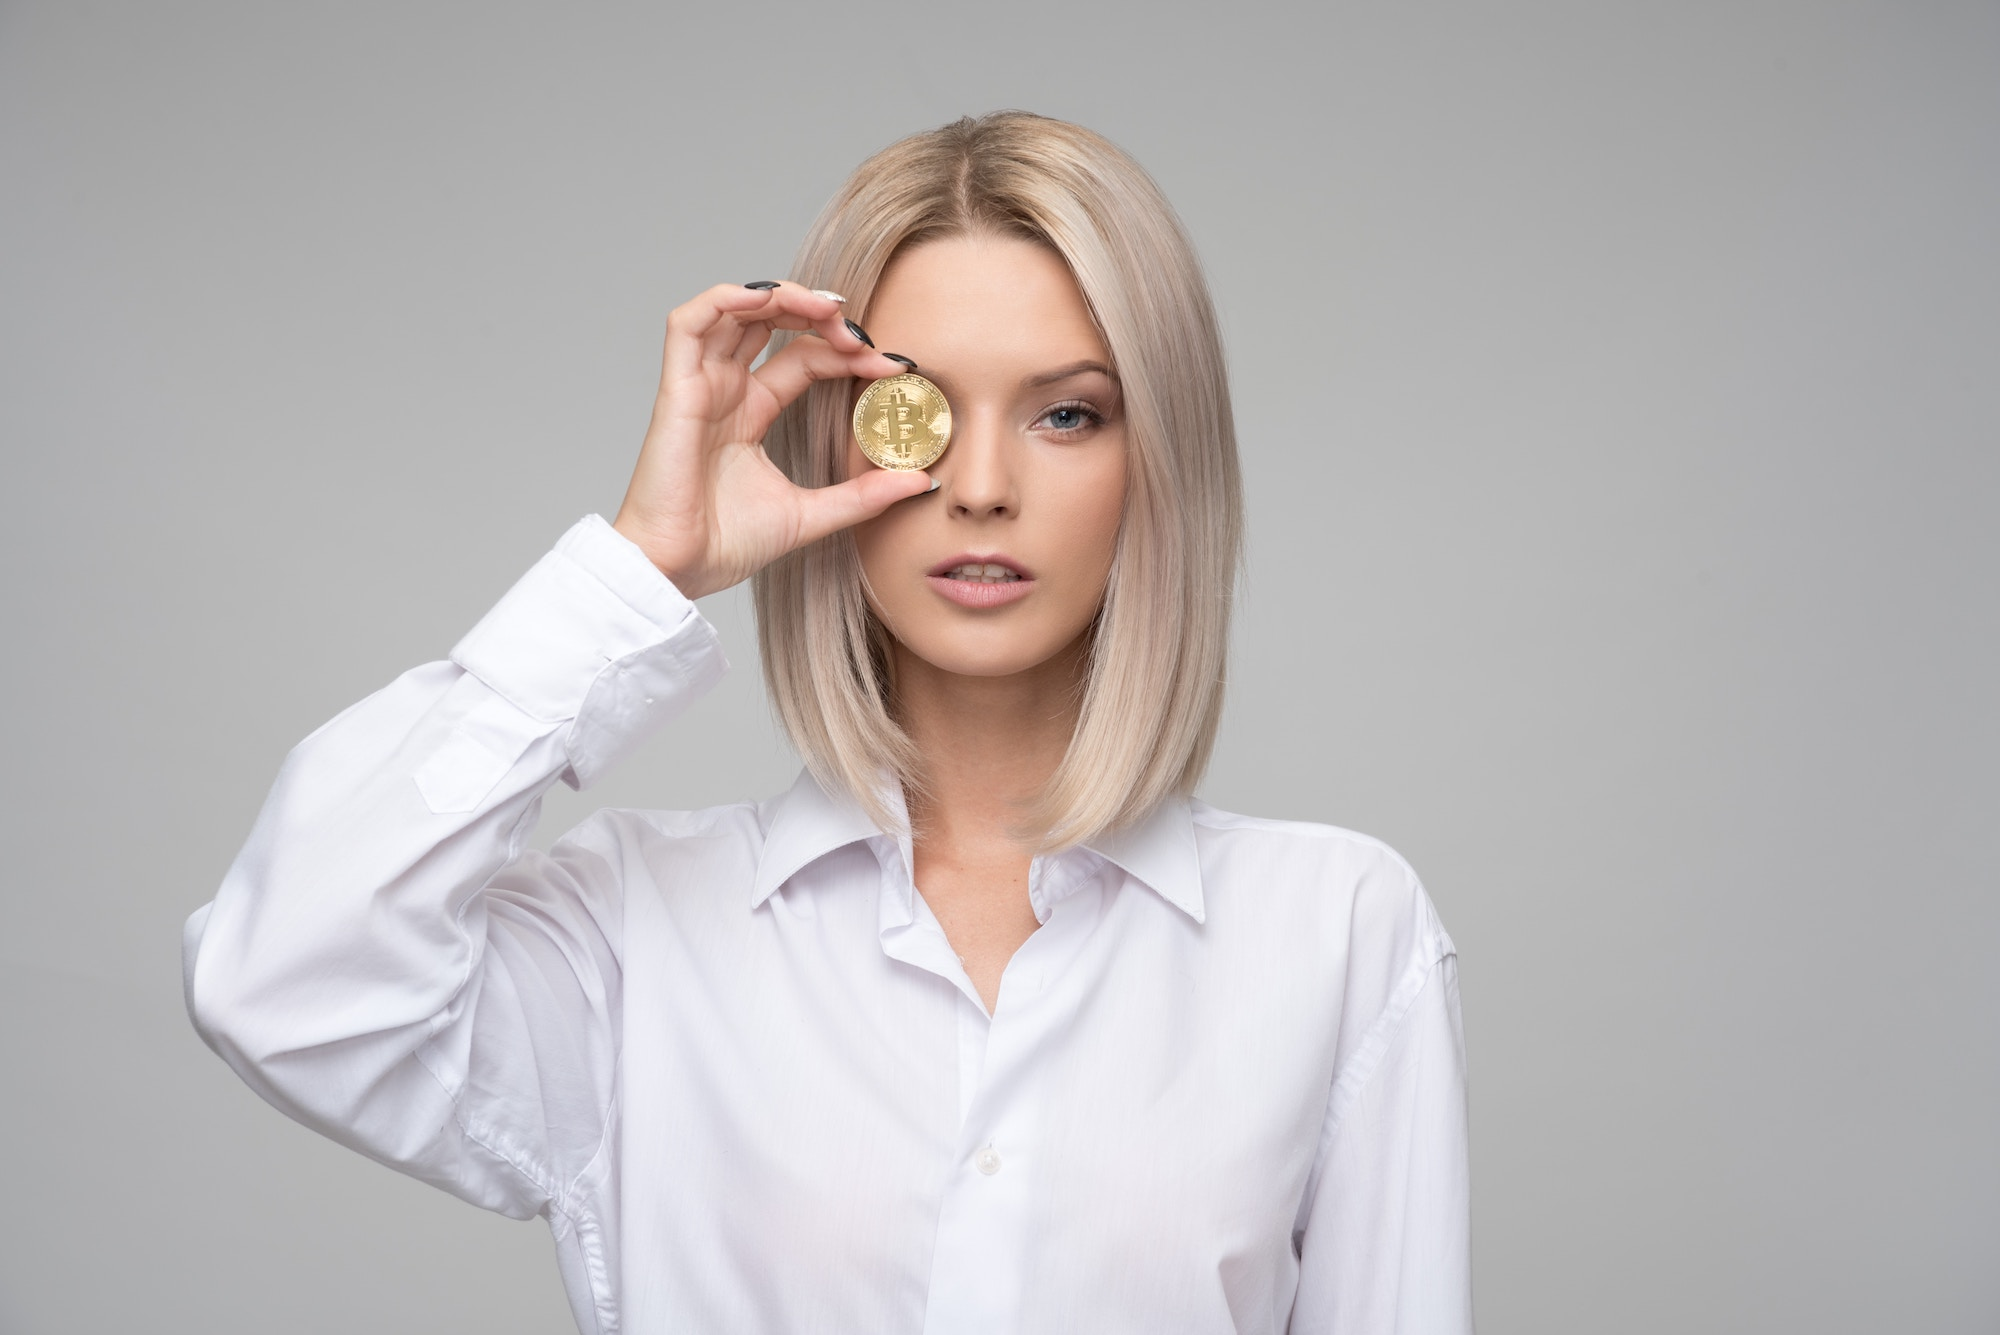 仮想通貨初心者はドル・コスト平均法でローリスクにはじめよう